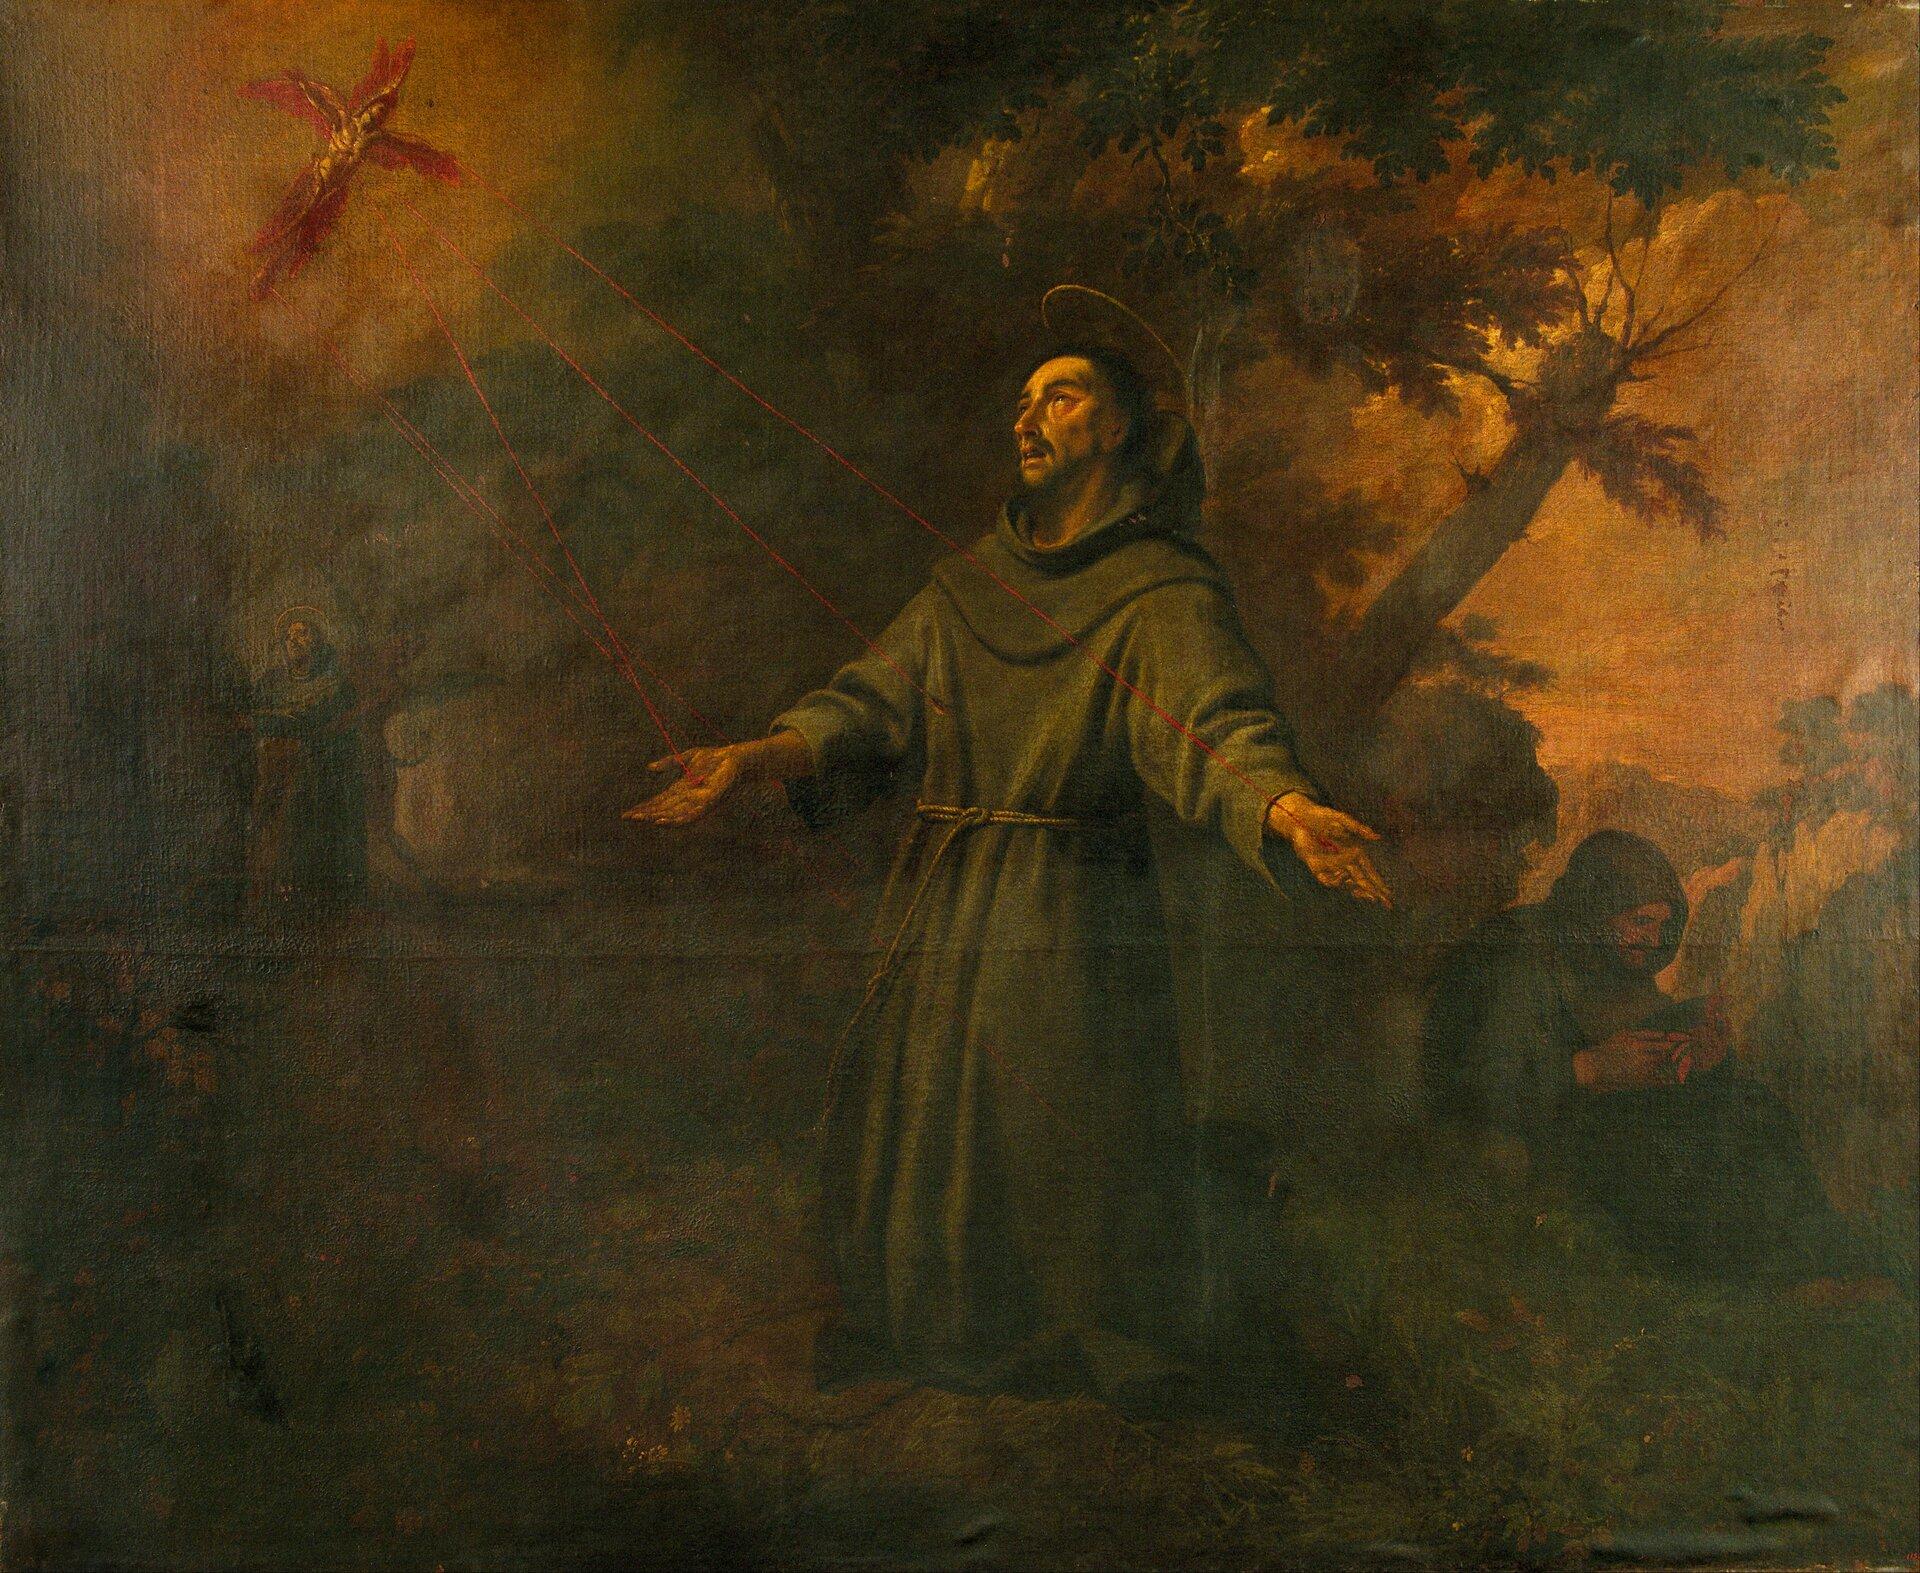 Święty Franciszek otrzymuje stygmaty Źródło: Antoni Viladomat YManalt, Święty Franciszek otrzymuje stygmaty, 1724–1733, domena publiczna.